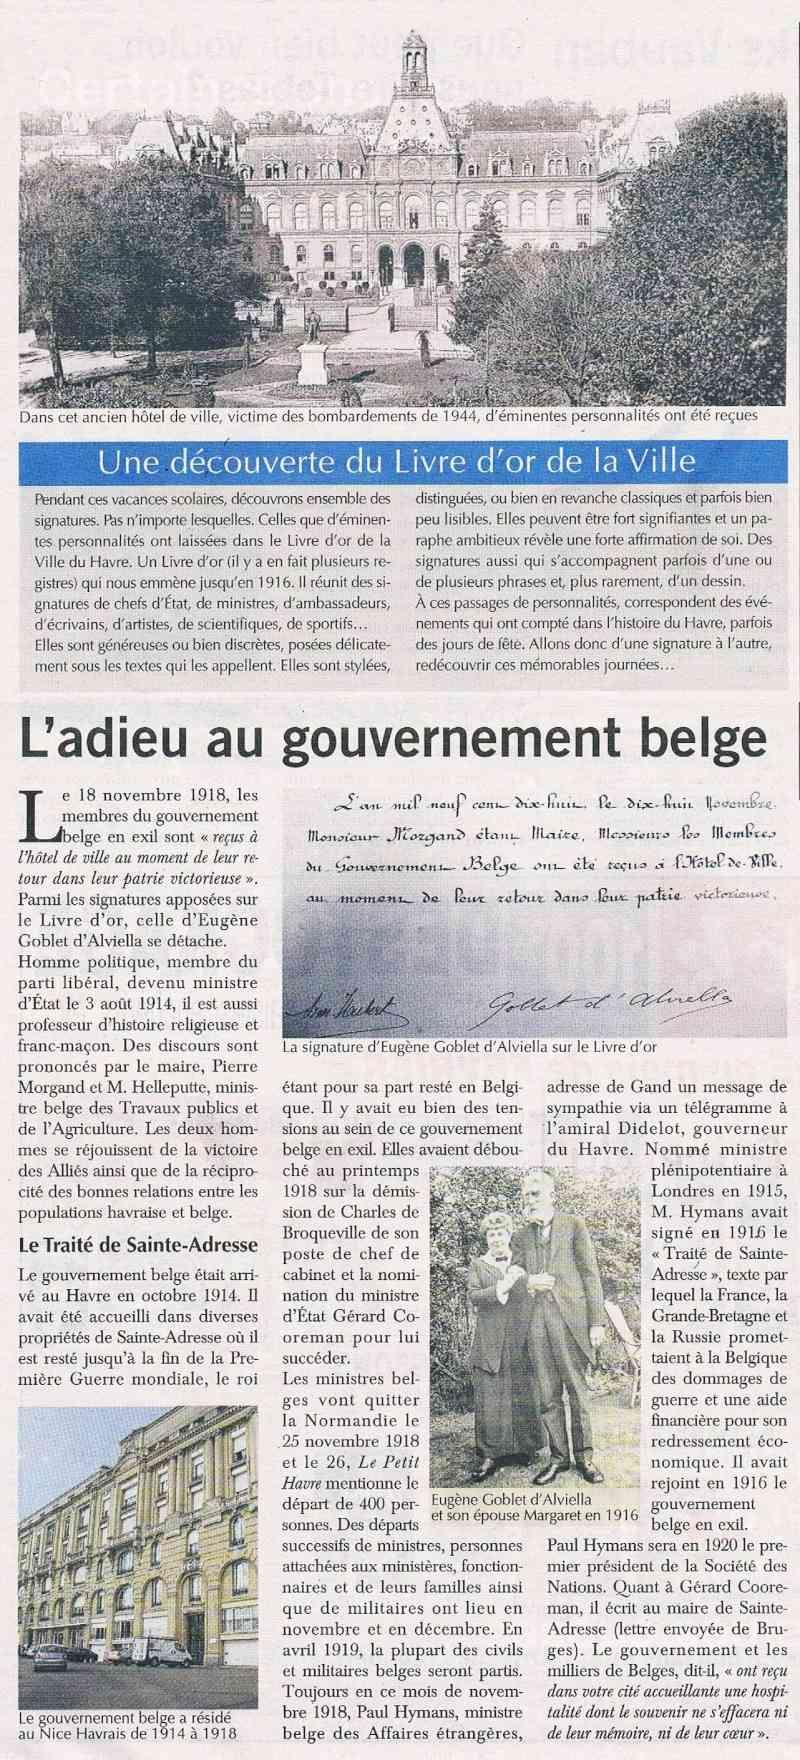 bolbec - Découverte du Livre d'or de la Ville du Havre 2016-023